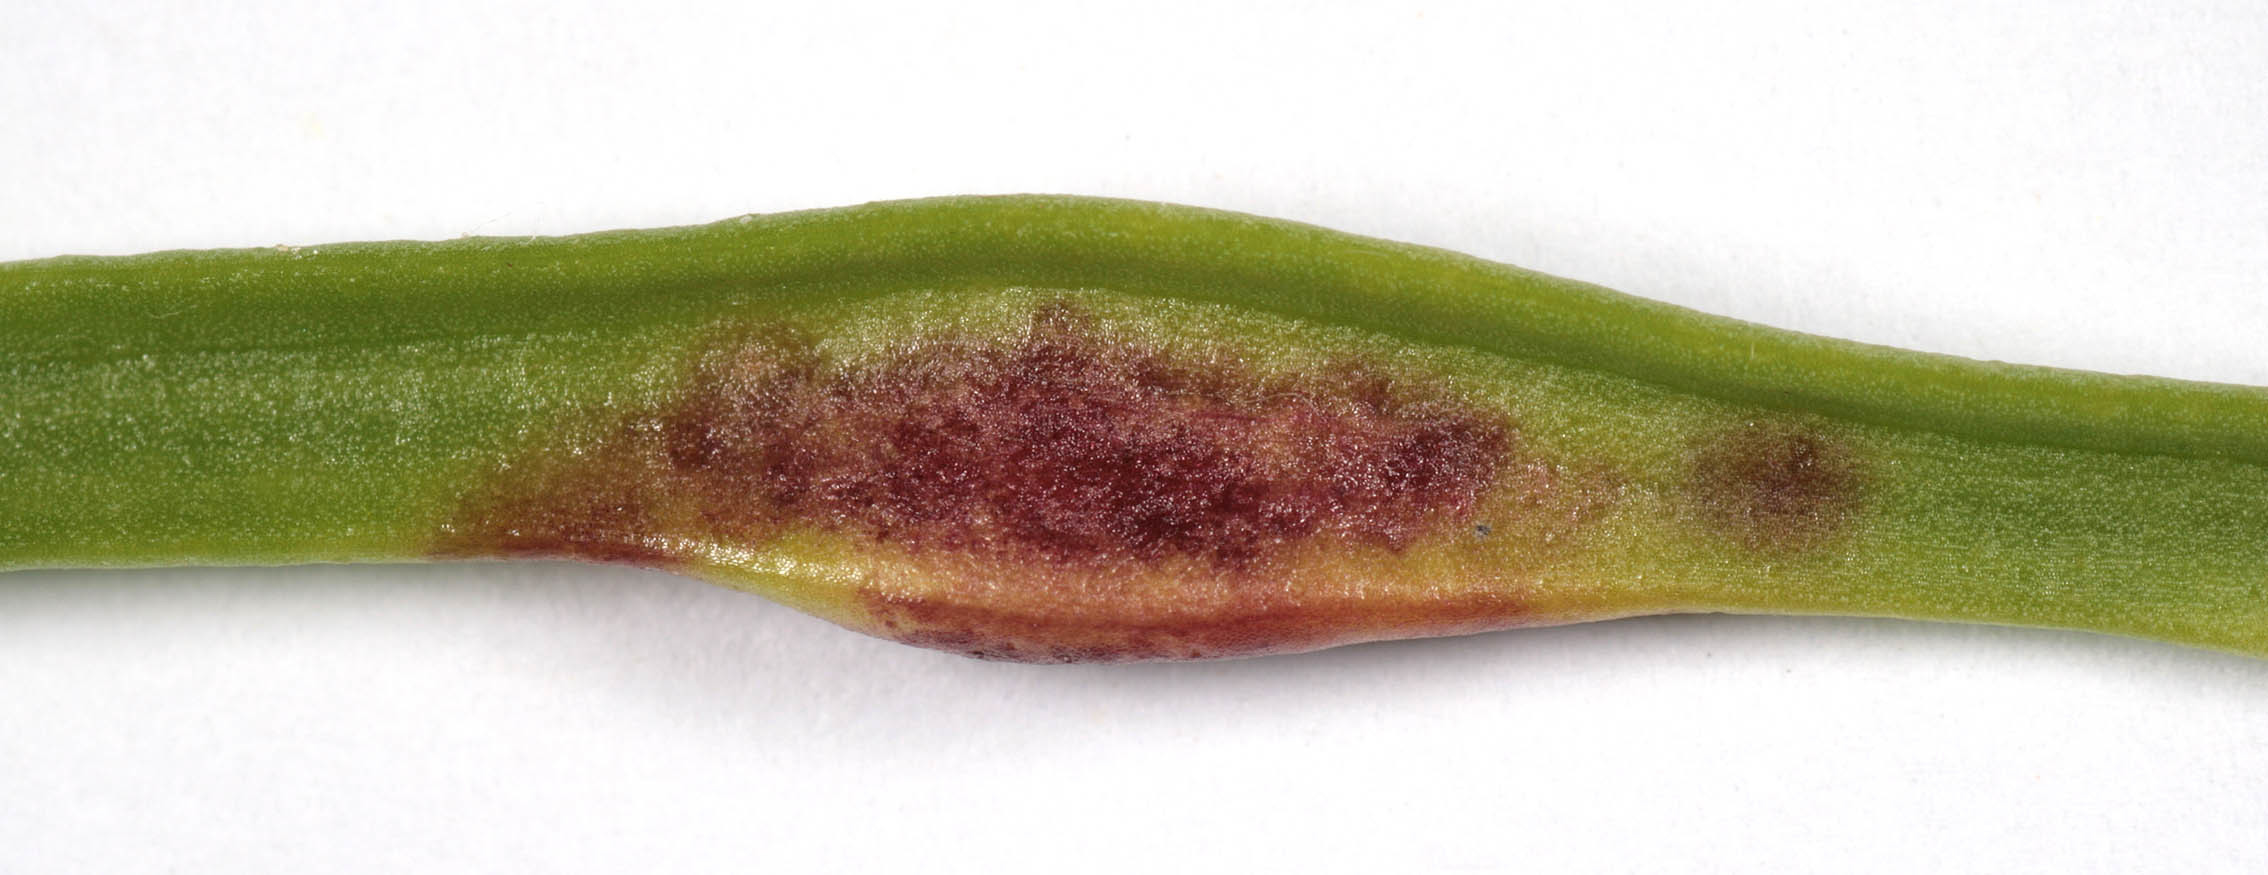 Image of Nematode